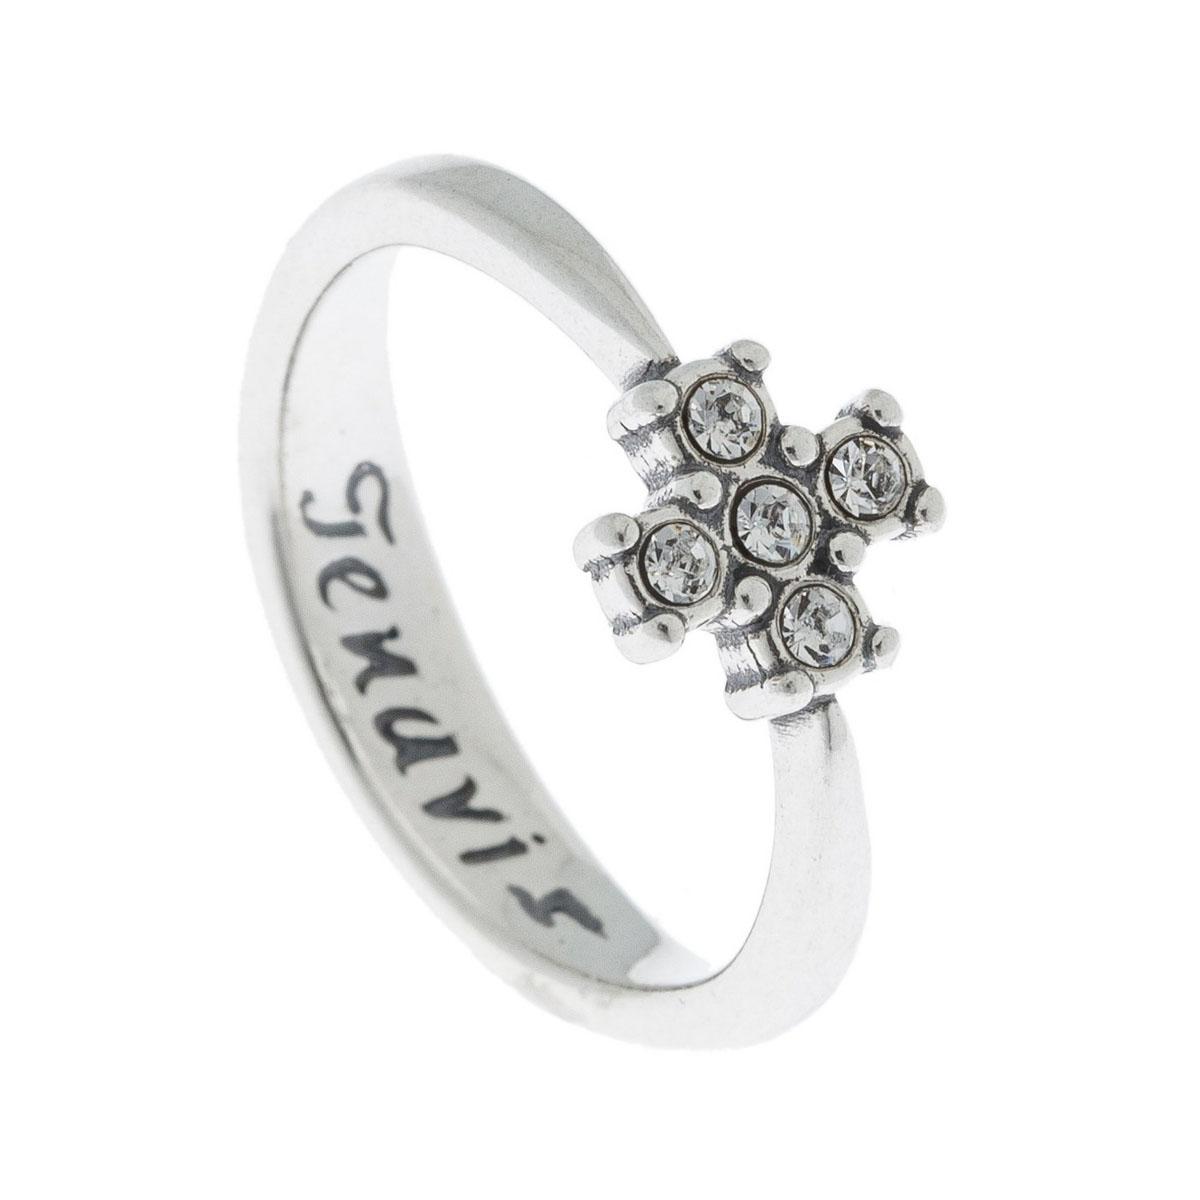 Кольцо Jenavi Эза, цвет: серебро, белый. k5023000. Размер 16k5023000Коллекция Э, Эза (Кольцо) гипоаллергенный ювелирный сплав,Черненое серебро, вставка Кристаллы Swarovski